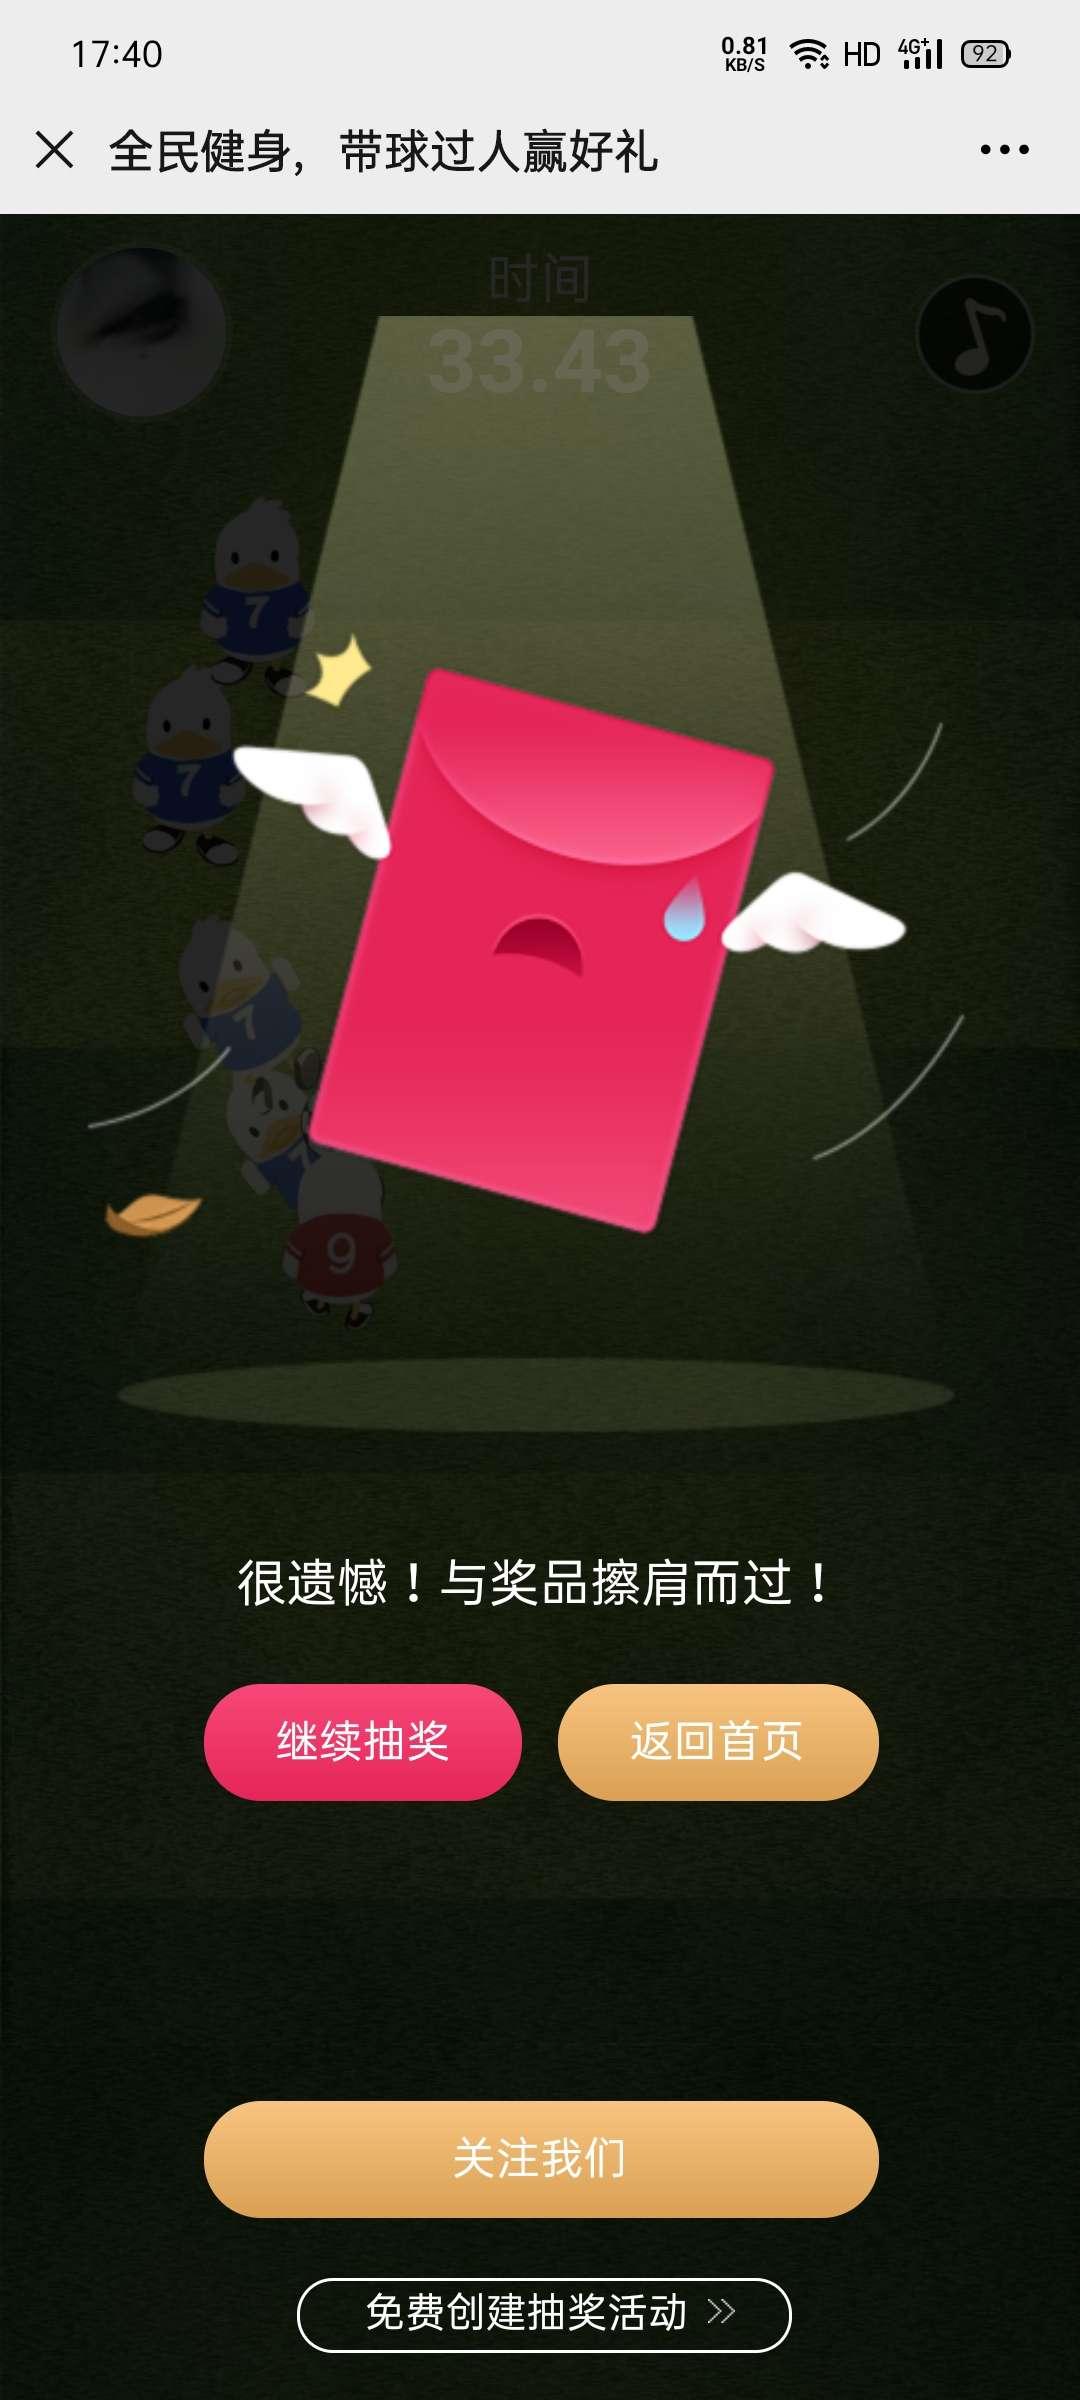 微信玩小游戏抽现金红包,非必中  第3张